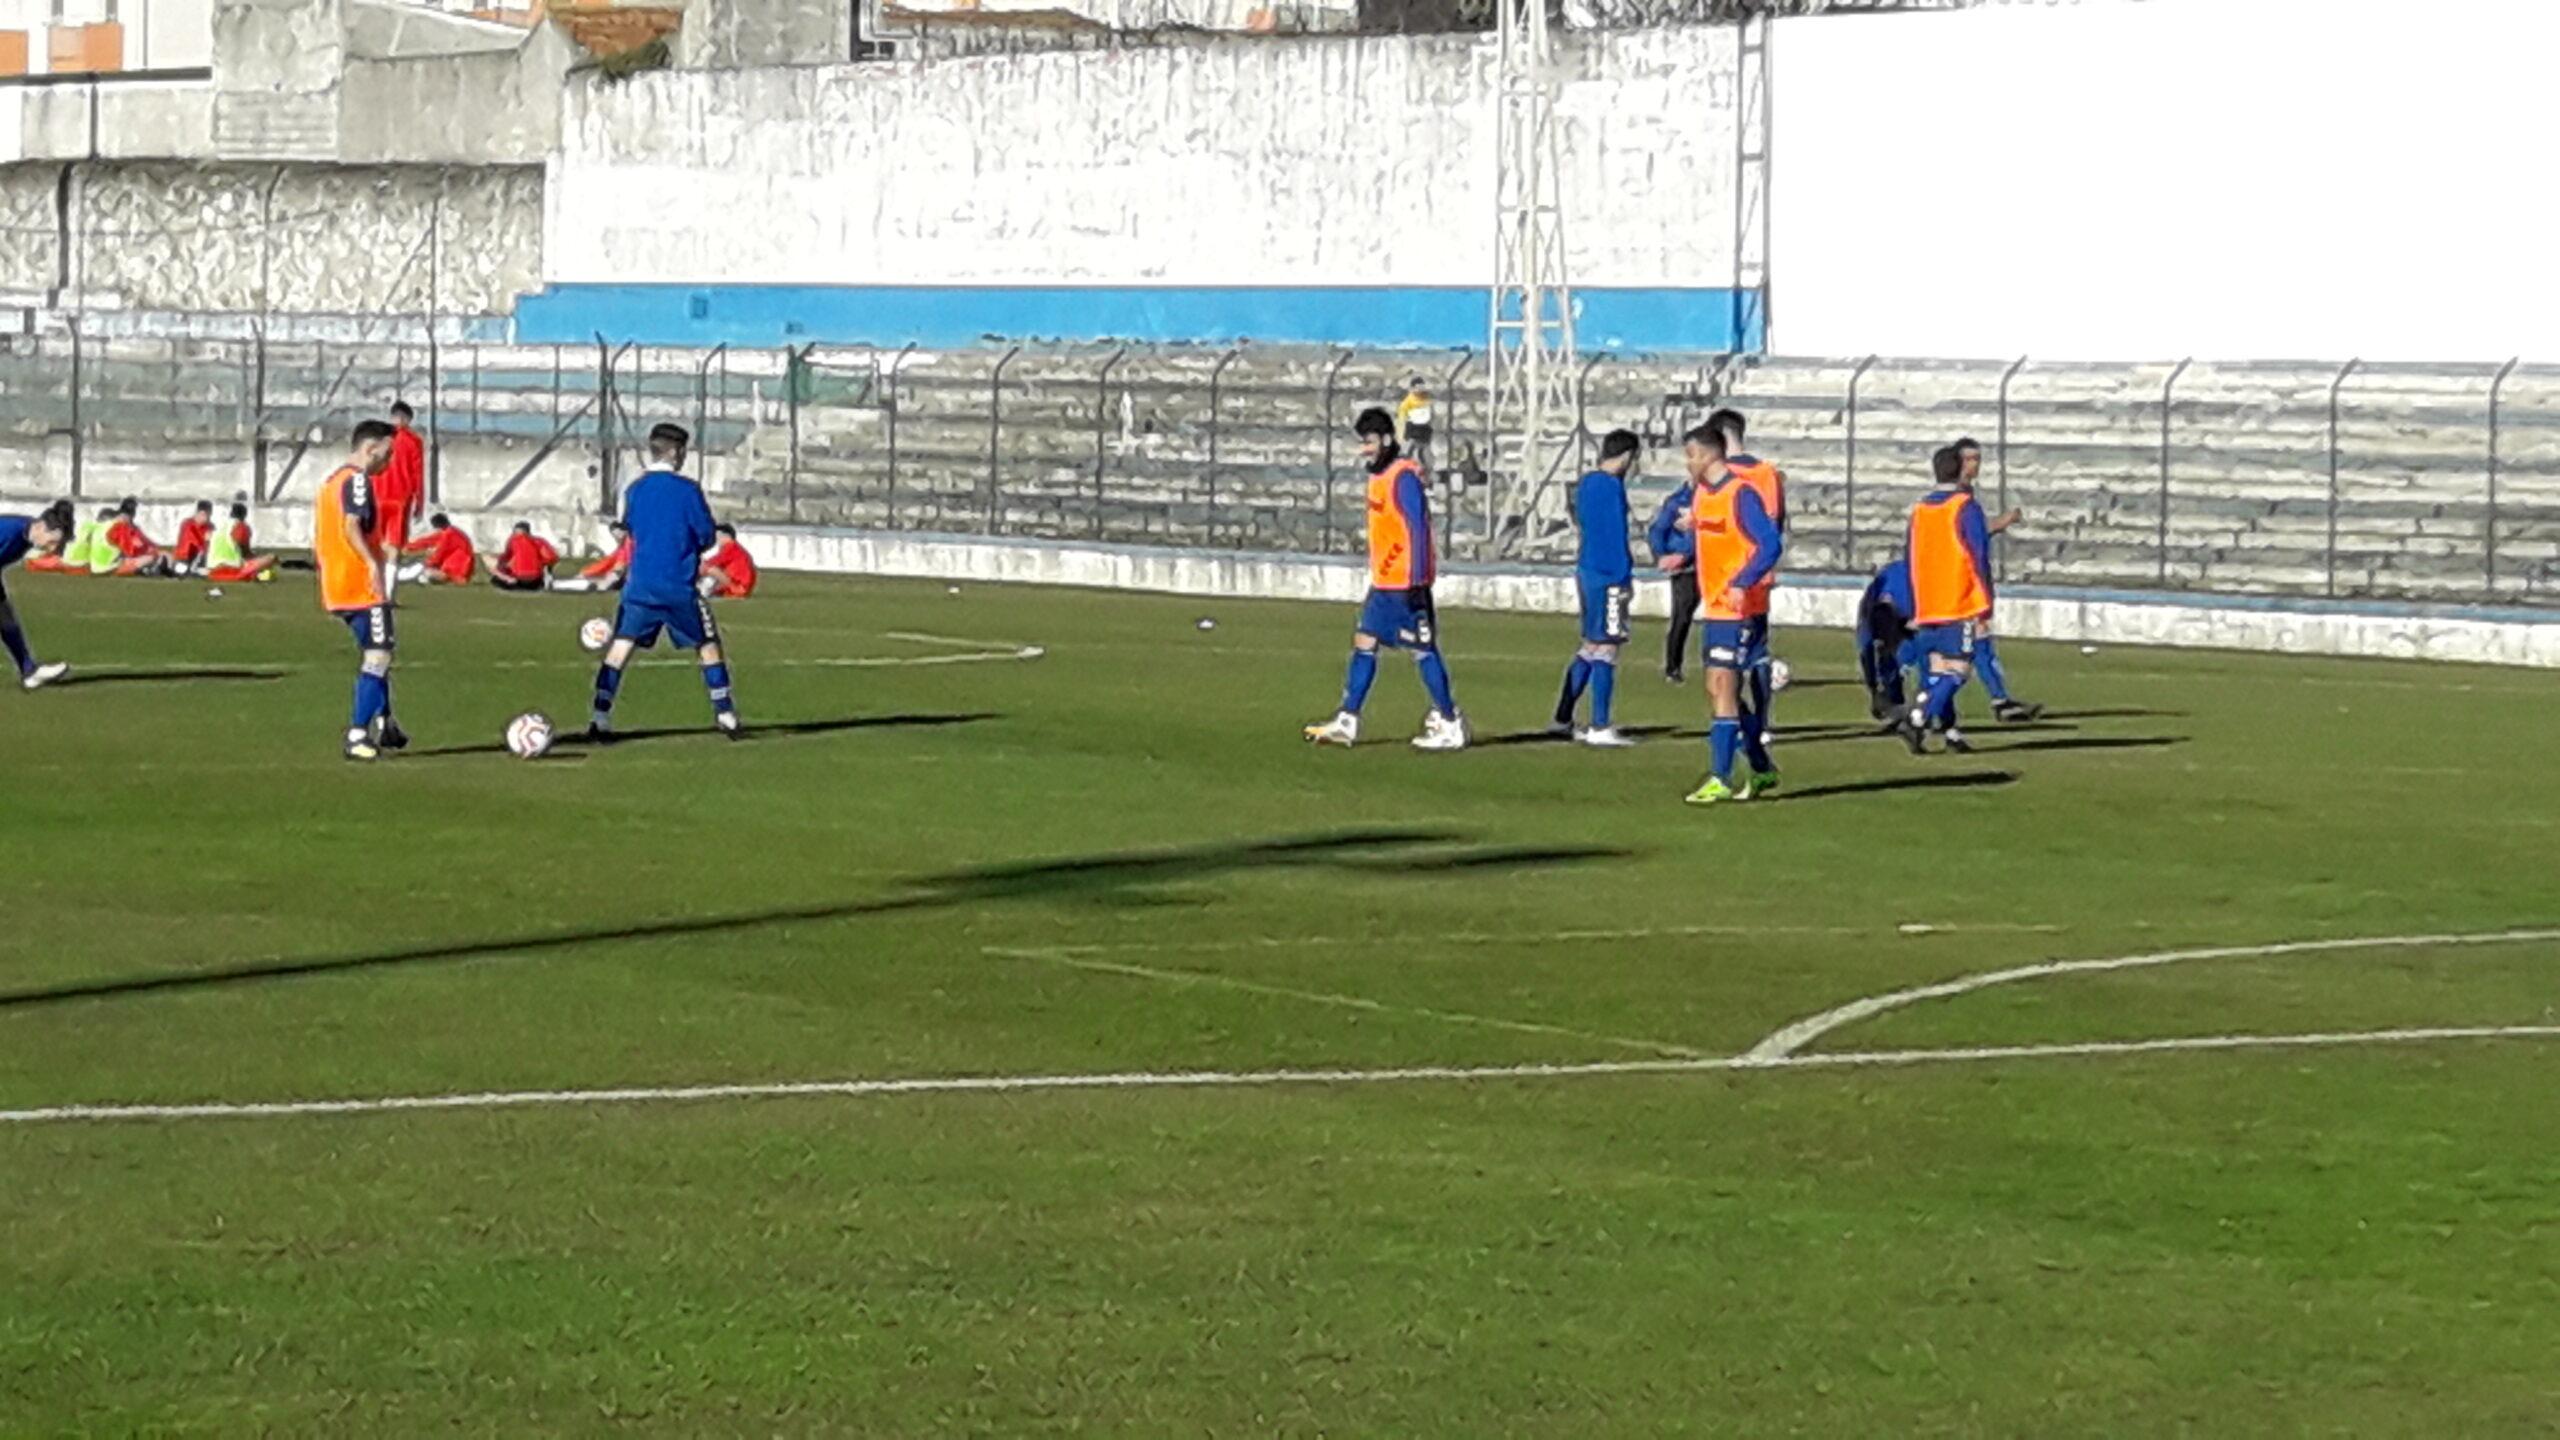 Futebol distrital: SC Vianense vence em Monção e segura a liderança dividida com o Atlético dos Arcos